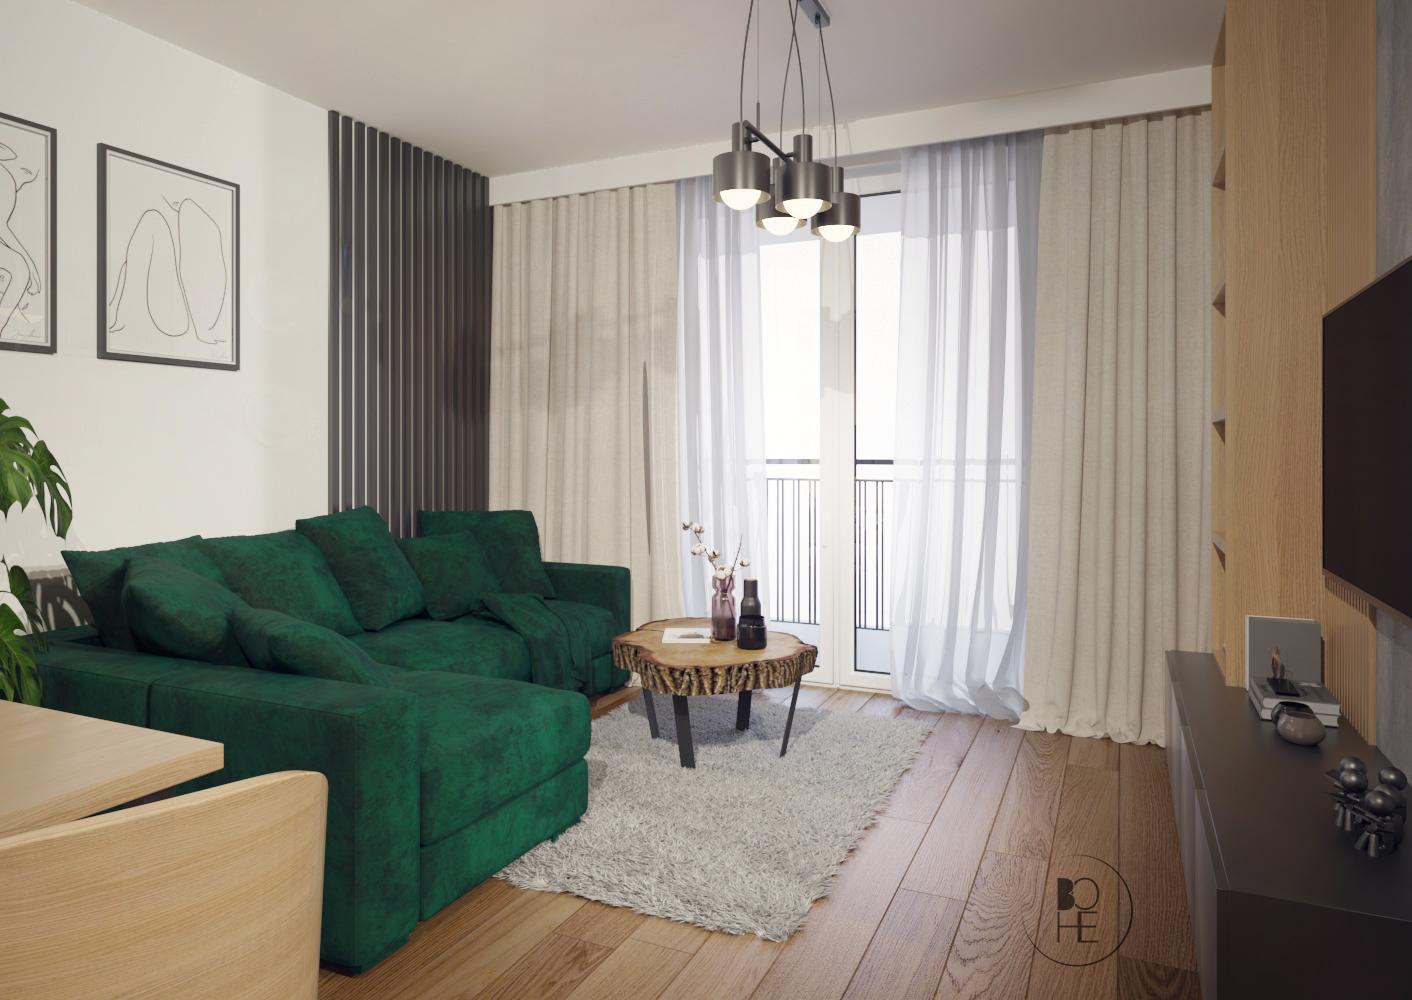 biuro projektowe Łódź projekt nowoczesnego salonu z szarym dywanem i zasłonami